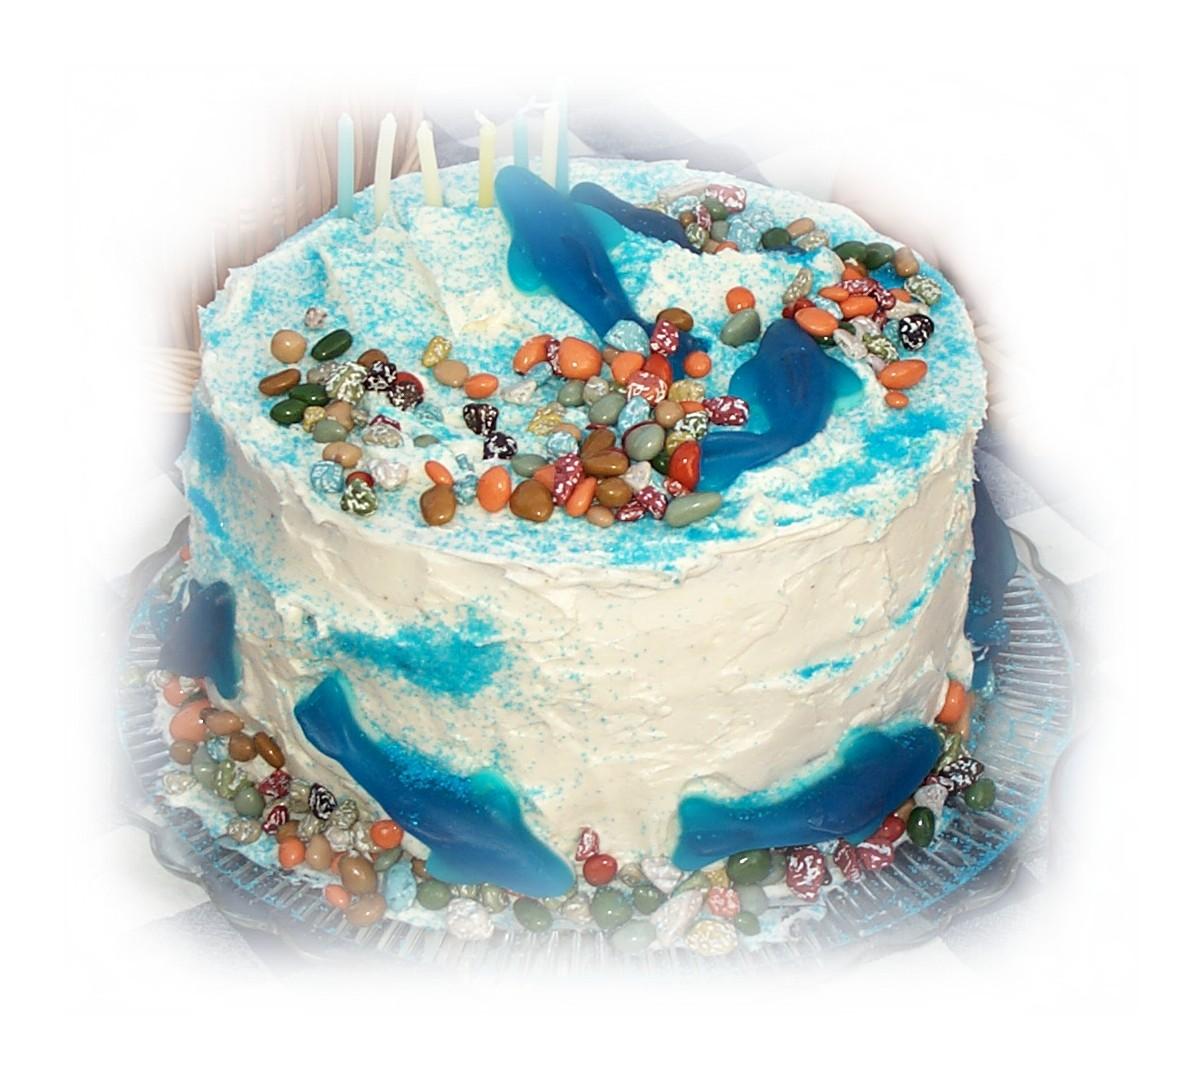 fishycelebrationbirthdaycake